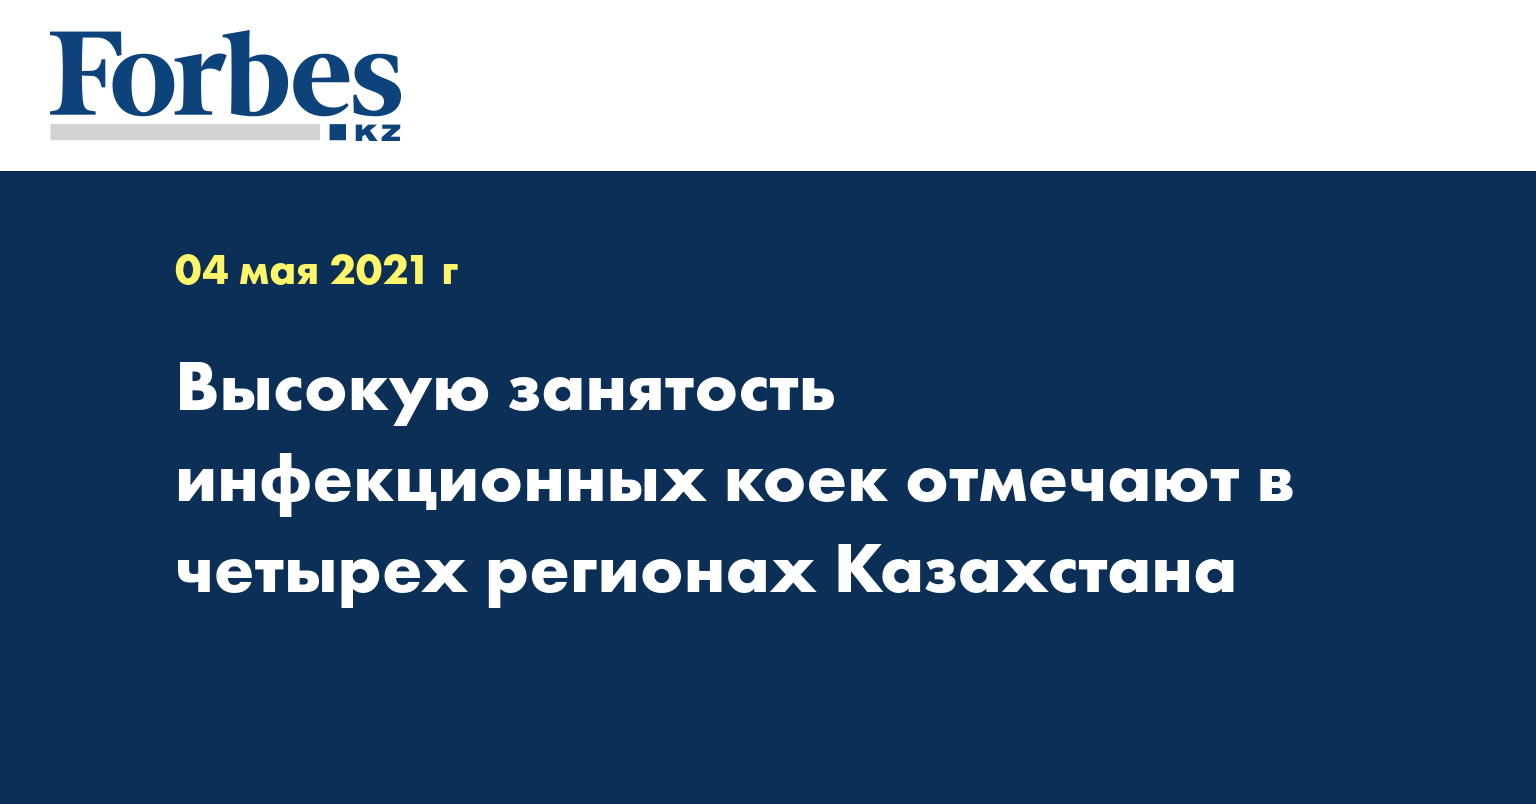 Высокую занятость инфекционных коек отмечают в четырех регионах Казахстана